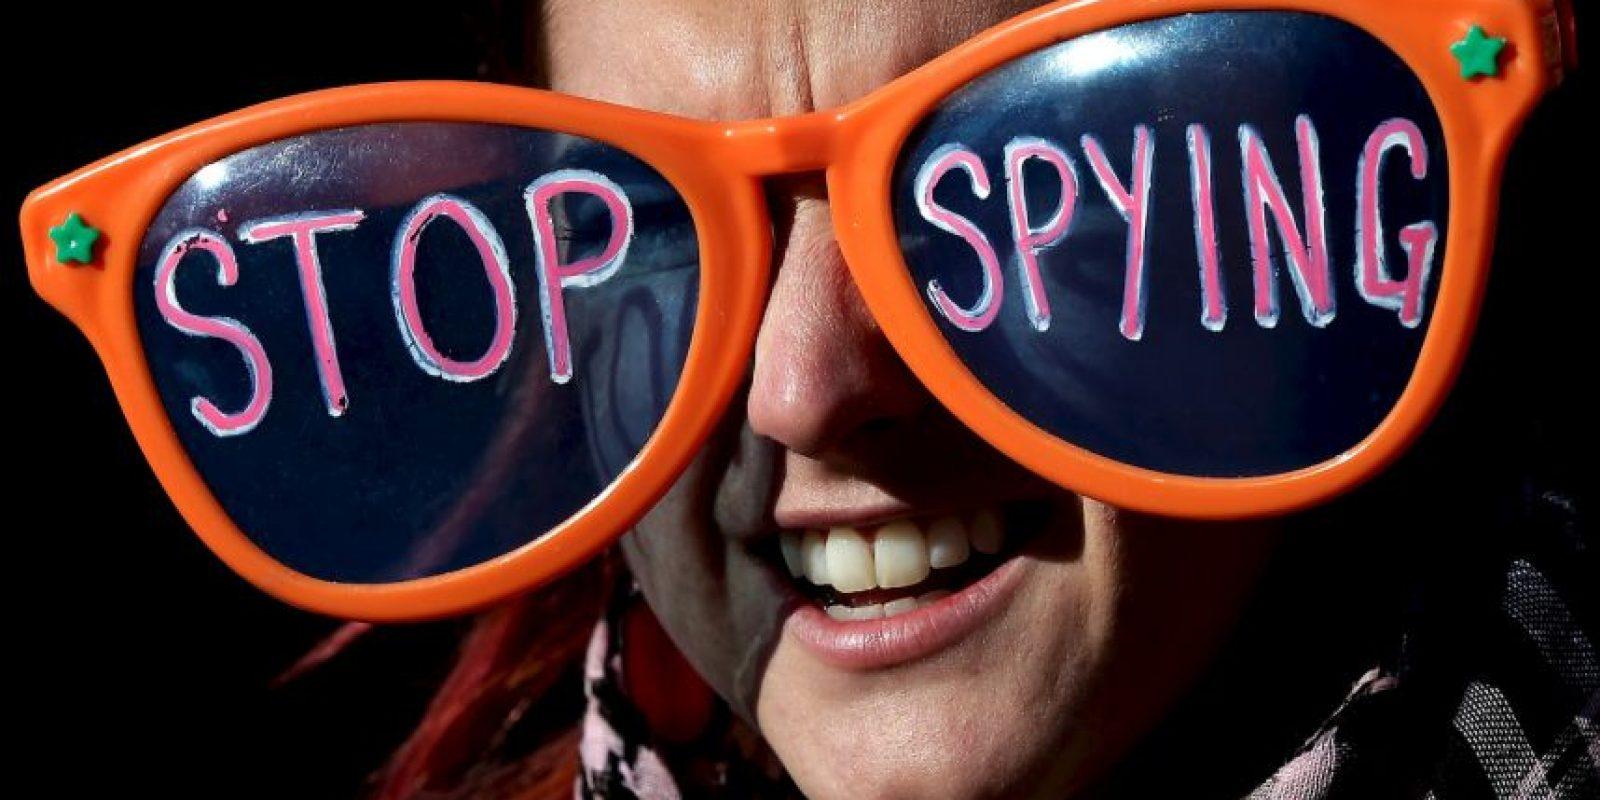 Hasta mayo de 2015, la llamada Ley Patriota, aprobada tras los atentados terroristas del 11 de septiembre de 2001, permitía que la NSA tuviera acceso a cualquier llamada telefónica. Foto:vía Getty Images